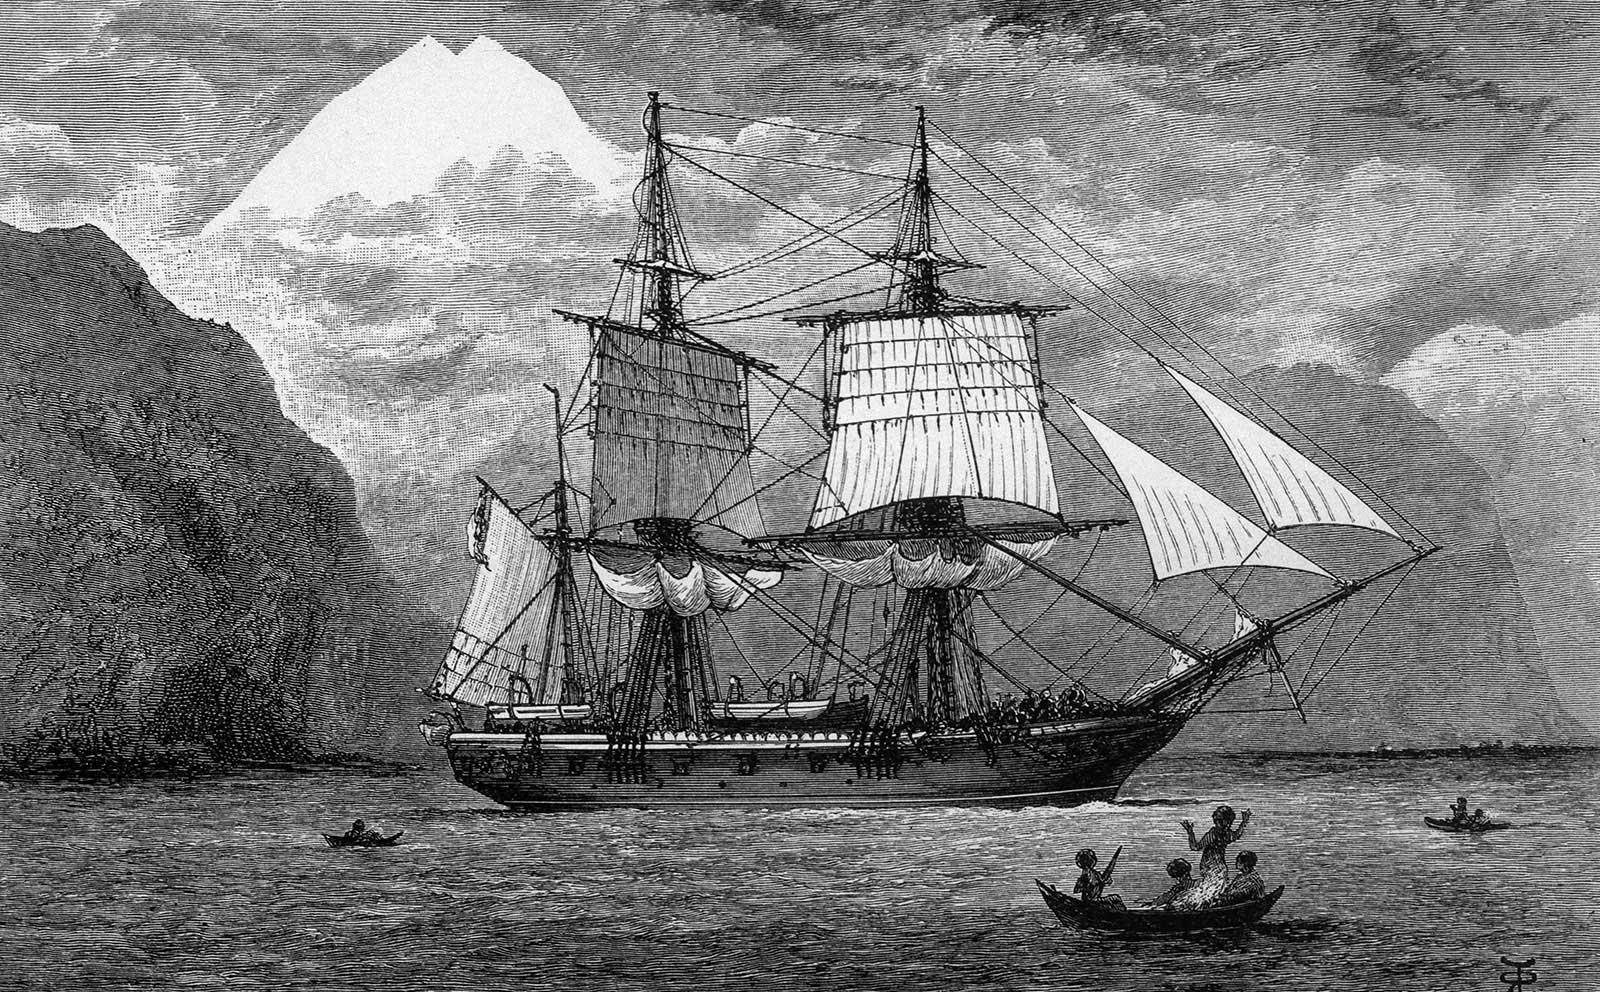 Charles Darwin's Ship Beagle